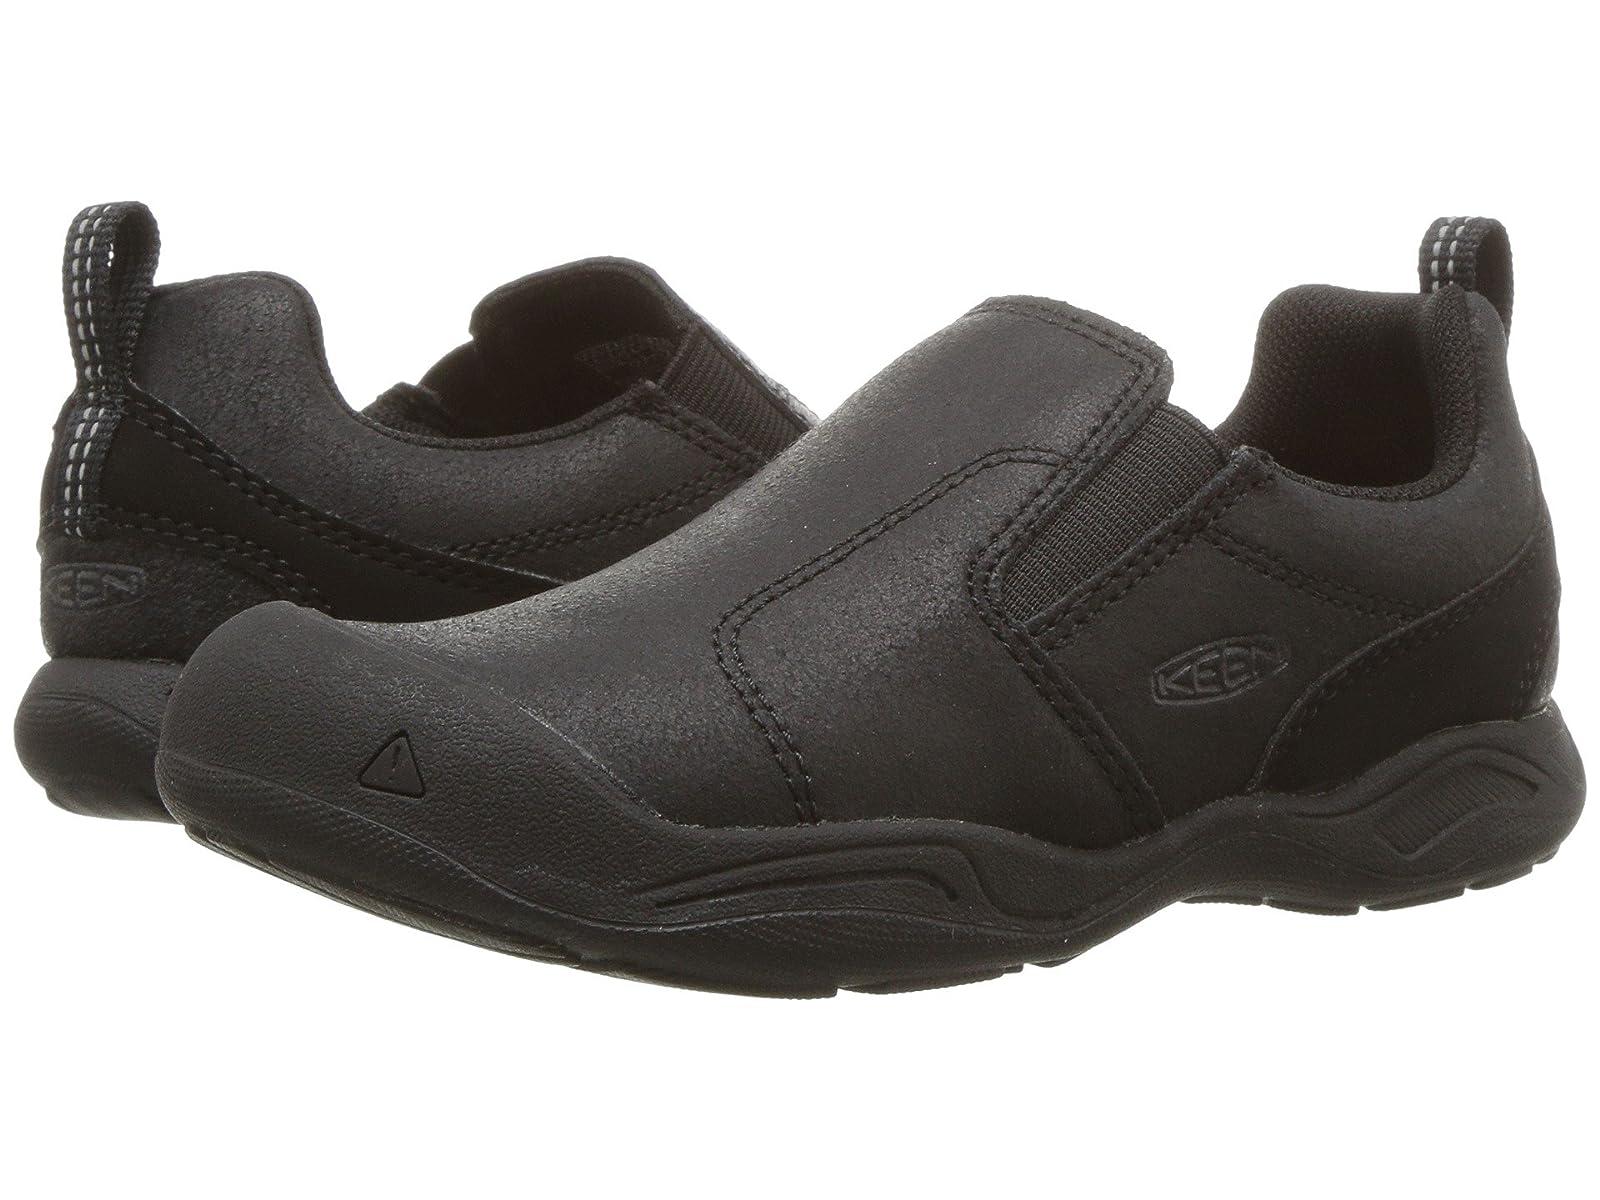 Keen Kids Jasper Slip-On (Little Kid/Big Kid)Atmospheric grades have affordable shoes